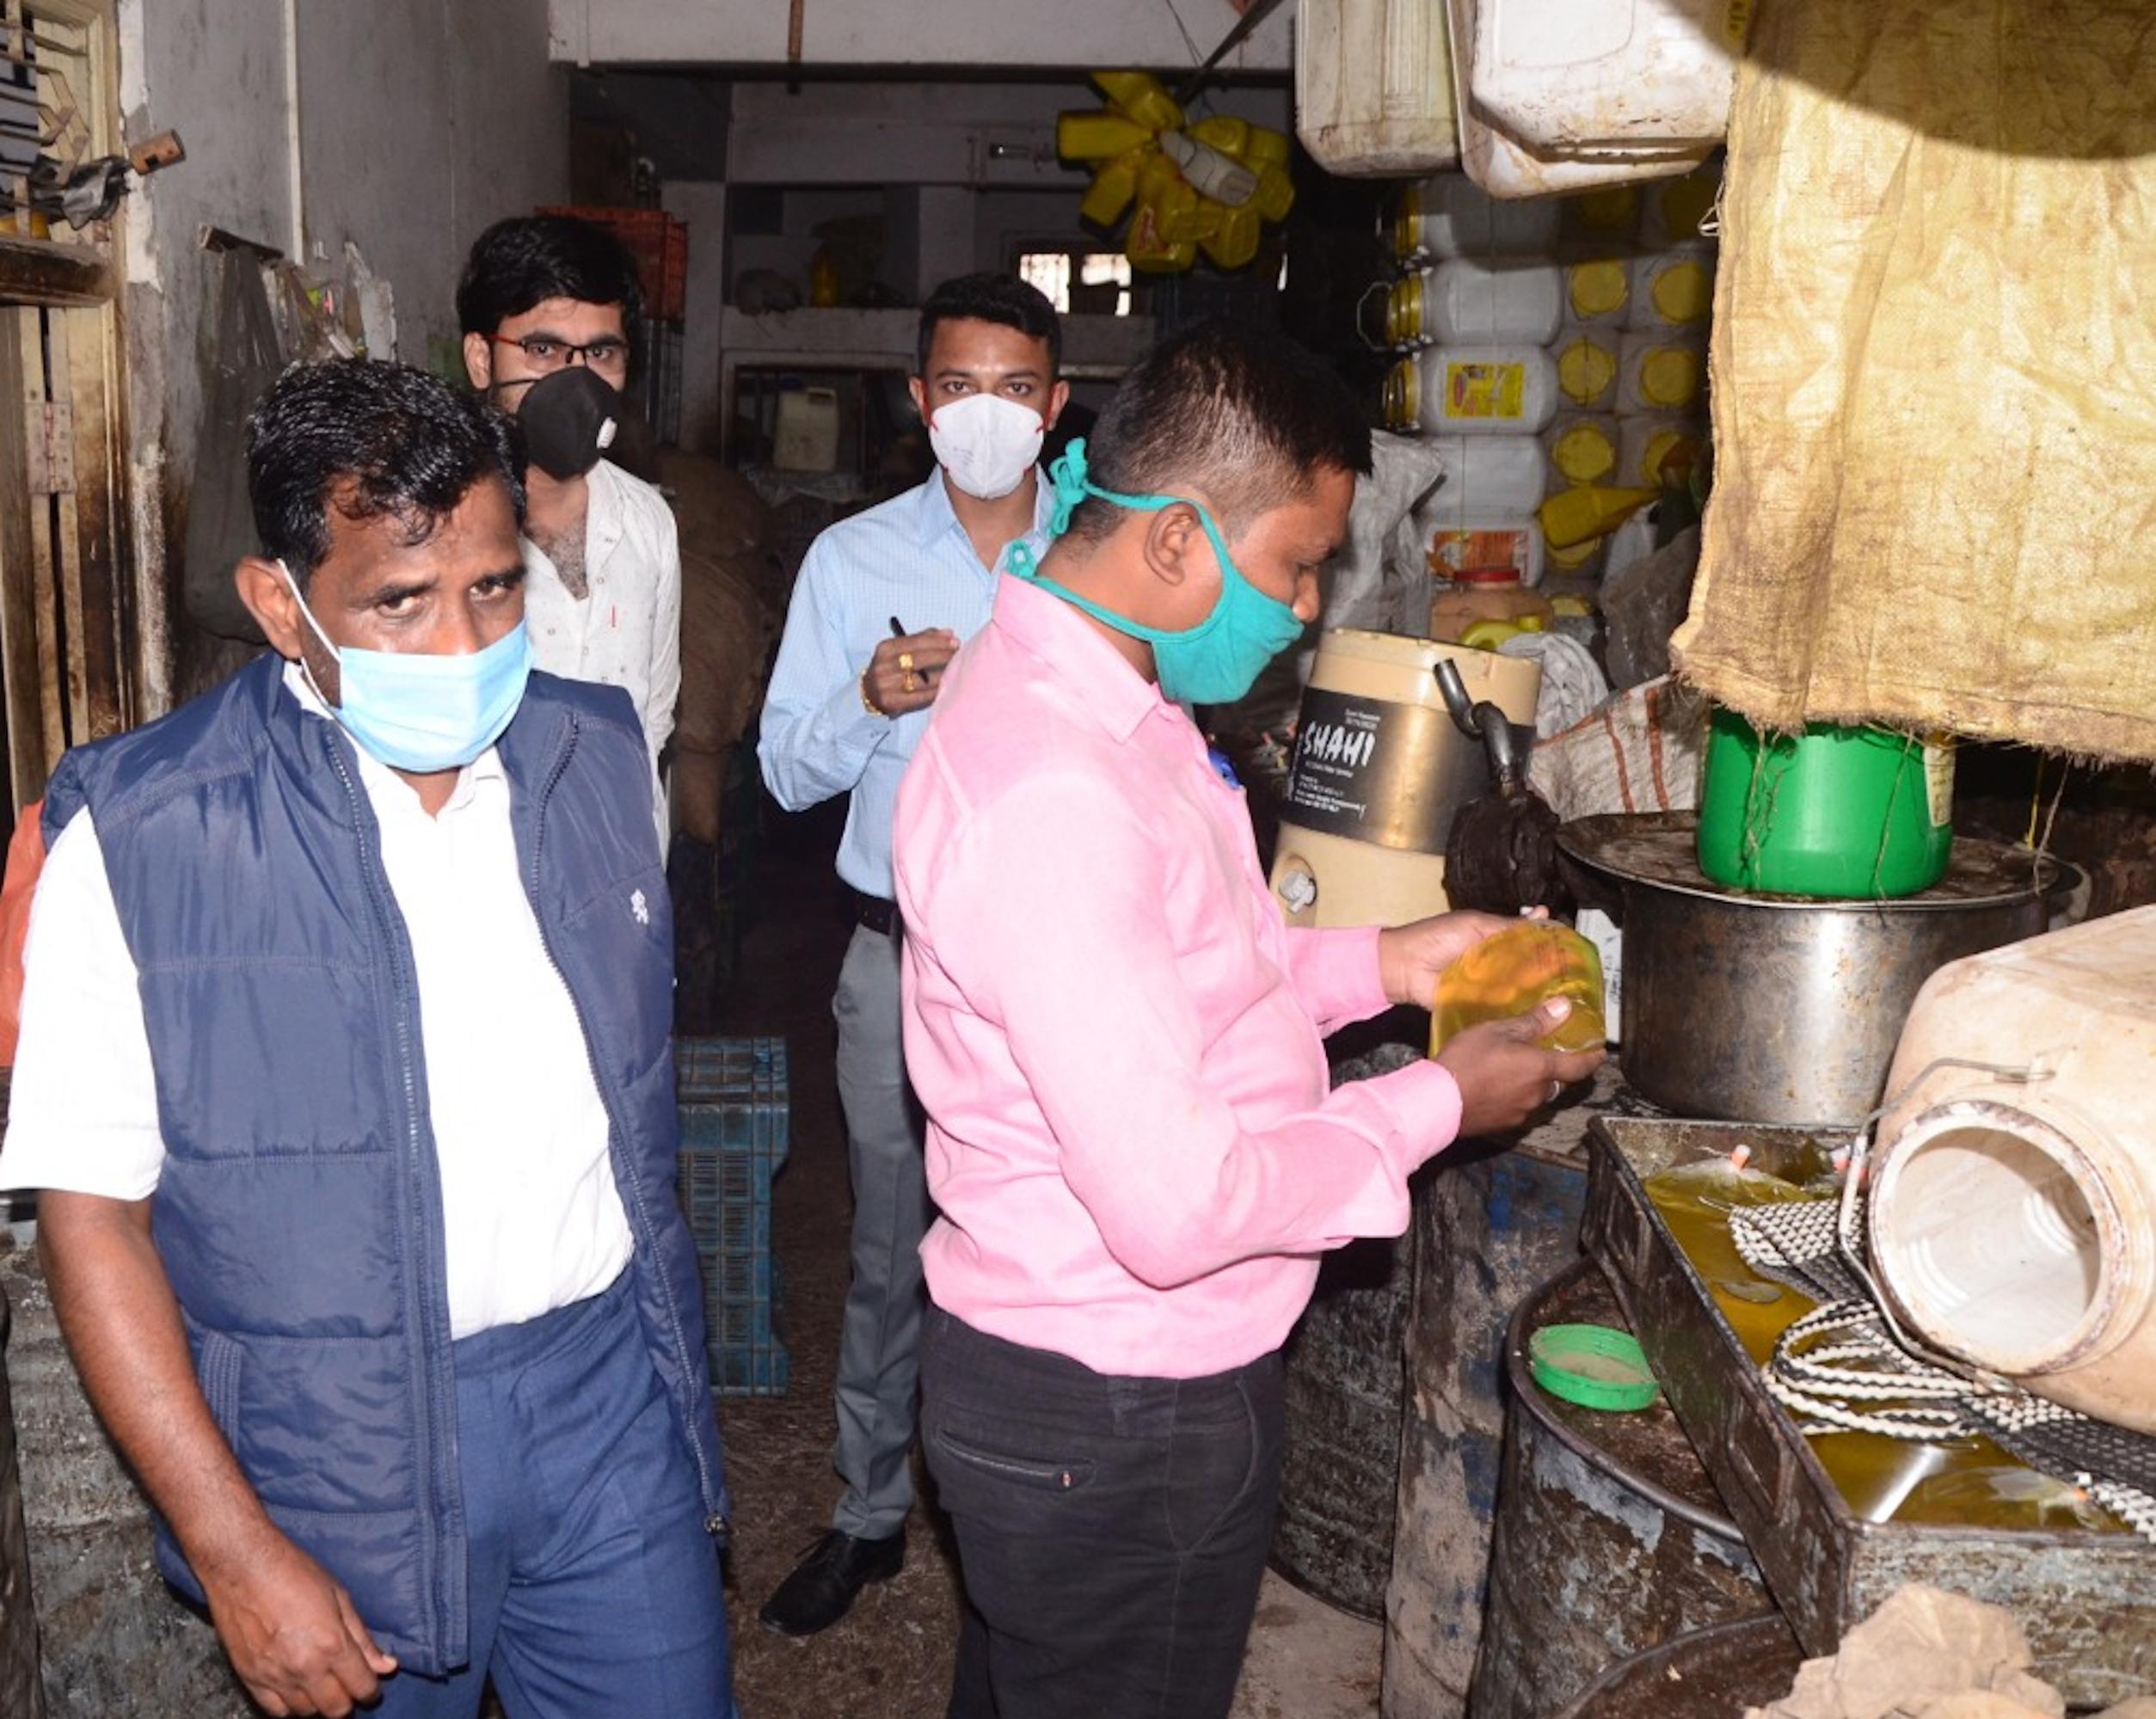 खाद्य सुरक्षा विभाग ने तीन दुकानों से लिए नमूने